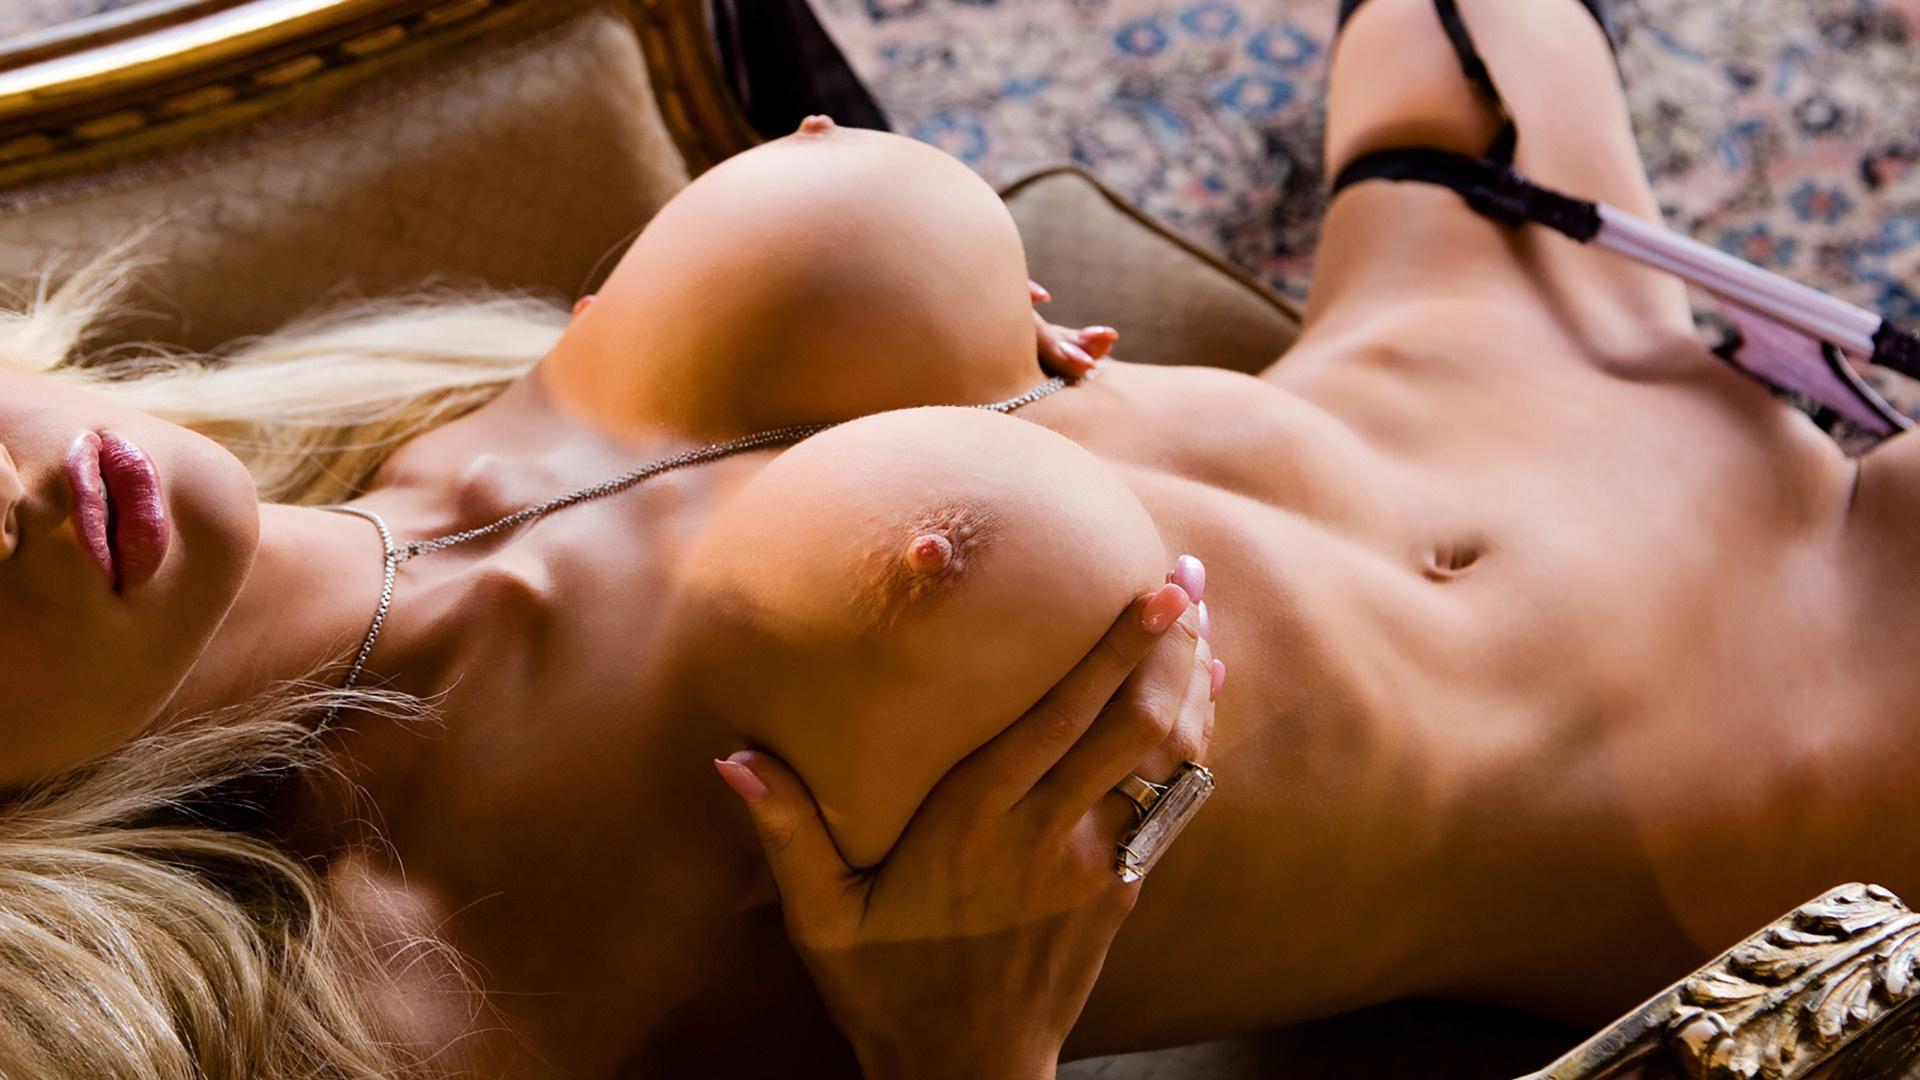 Самые пошлые фото девушек голые, Непристойные фото обыкновенных любительниц секс 1 фотография